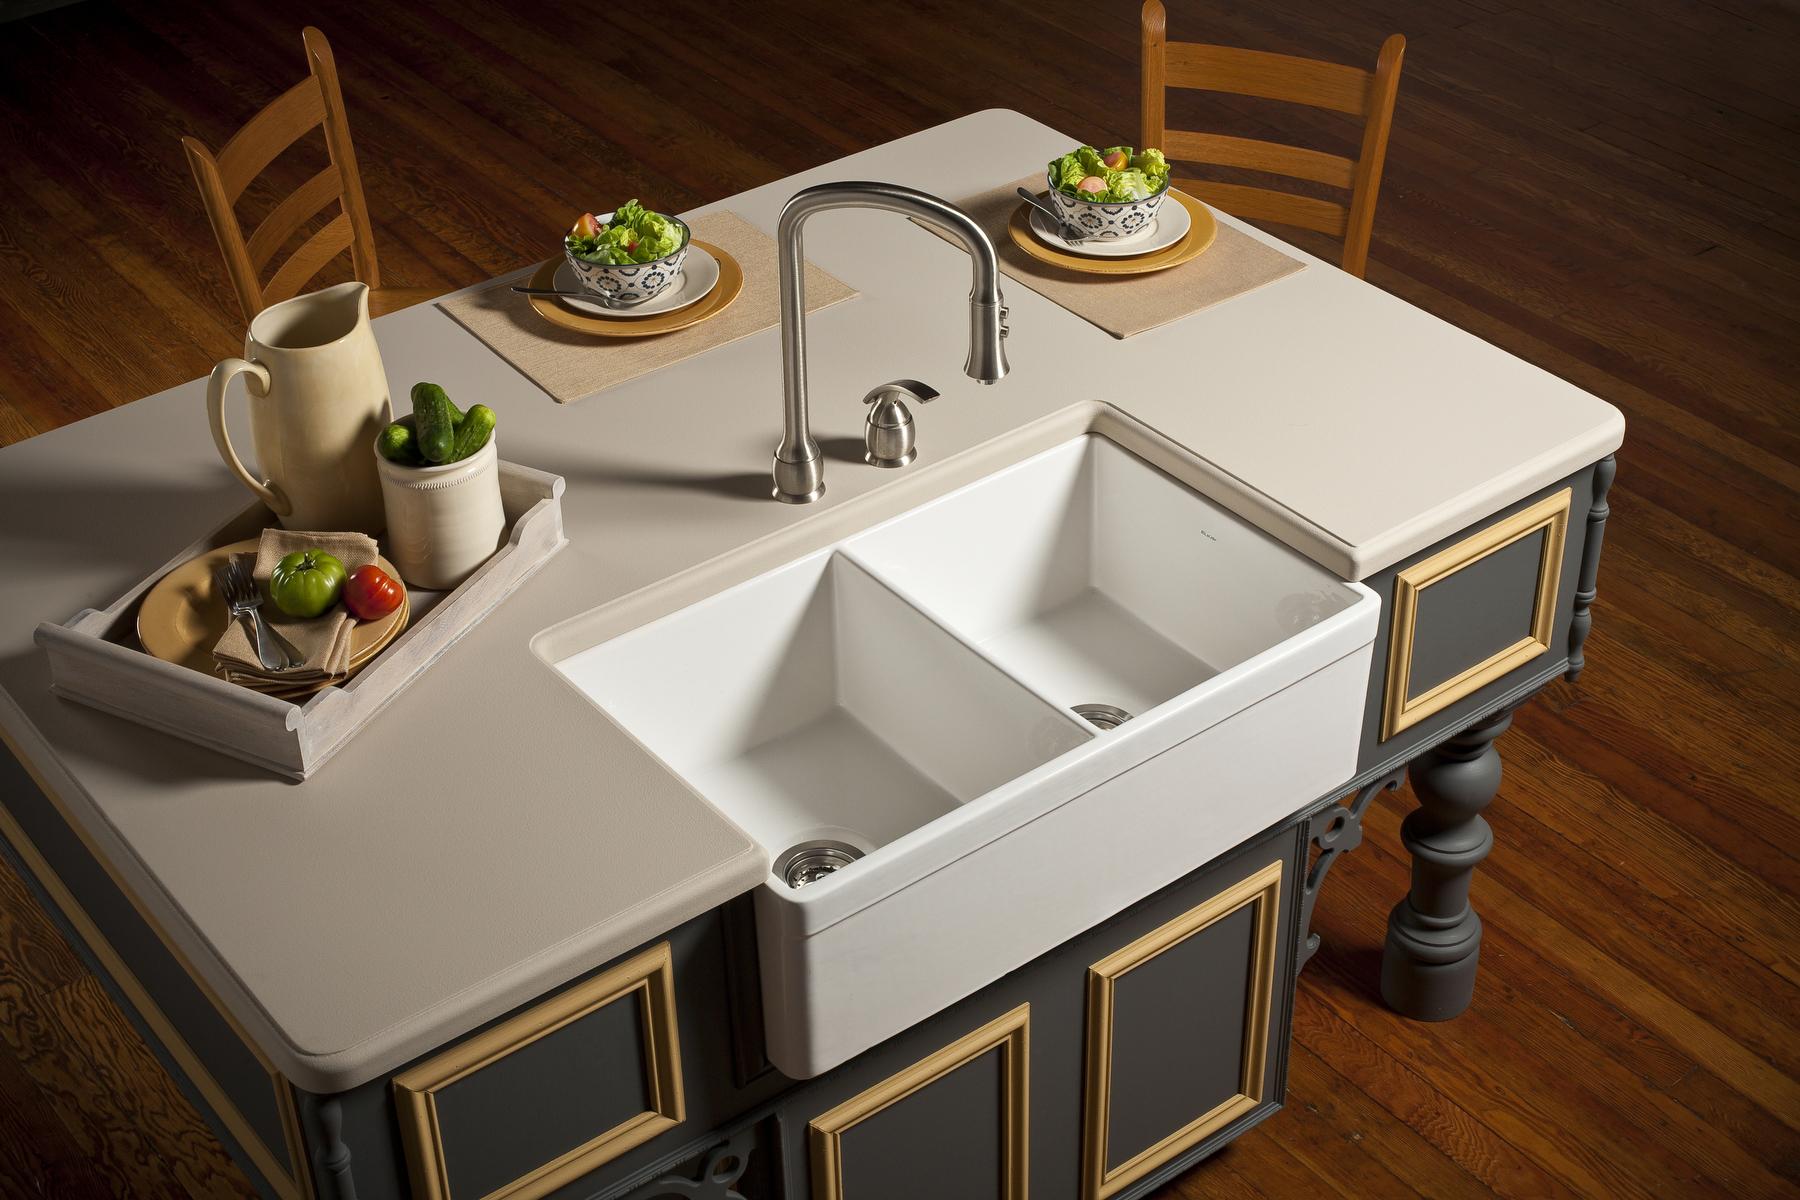 Unique Modern Undermount Sink Design (View 10 of 10)